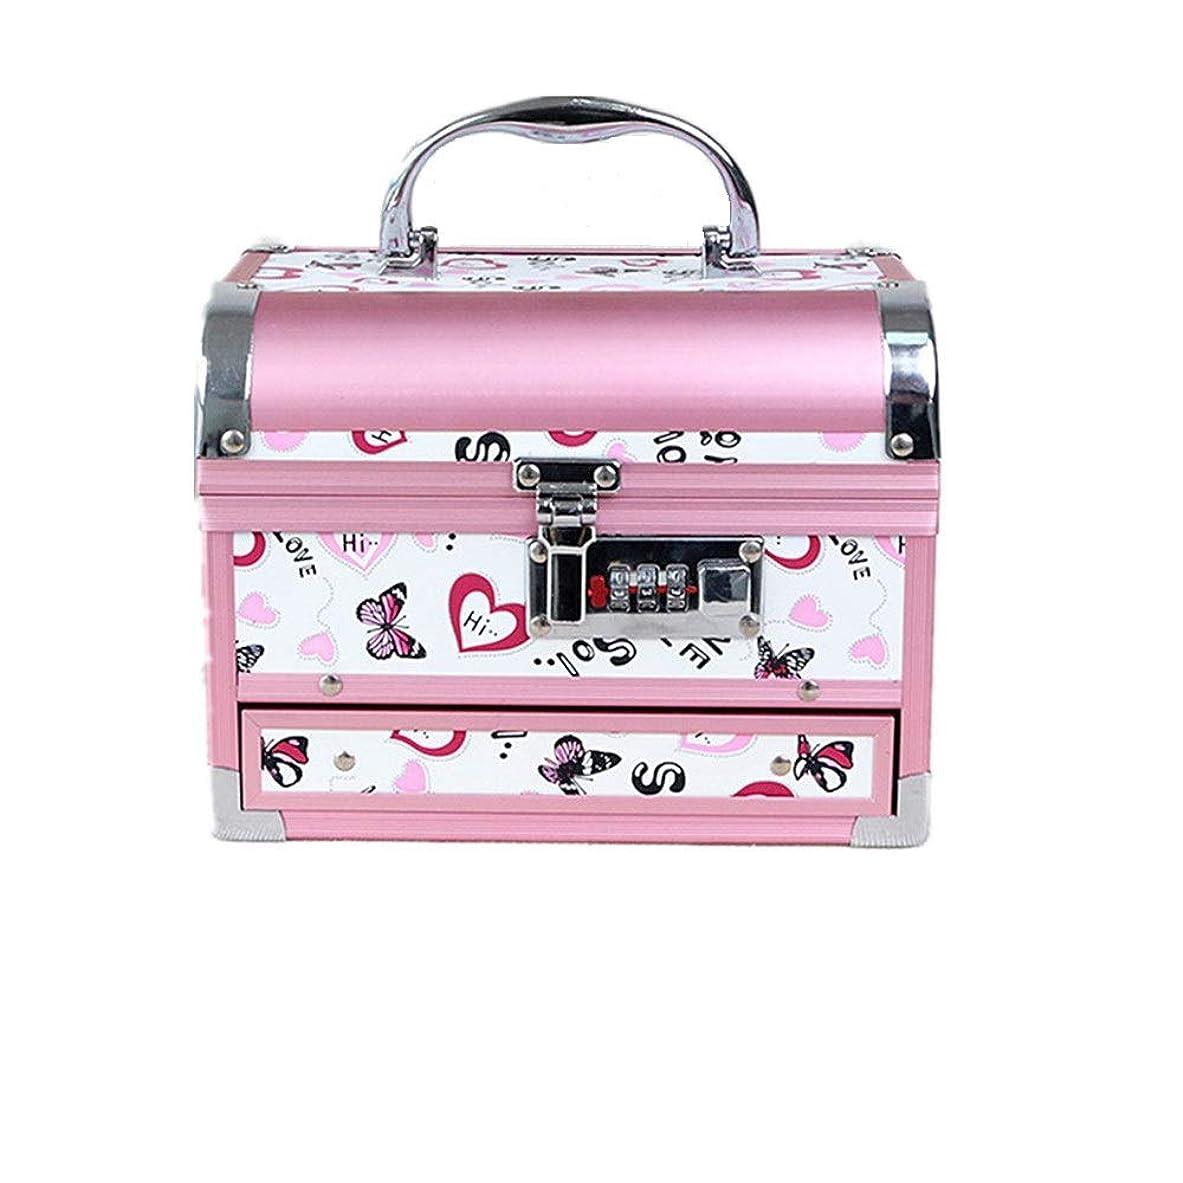 委員長インスタンス各化粧オーガナイザーバッグ かわいいパターンポータブル化粧品ケーストラベルアクセサリーシャンプーボディウォッシュパーソナルアイテムストレージロックと拡張トレイ 化粧品ケース